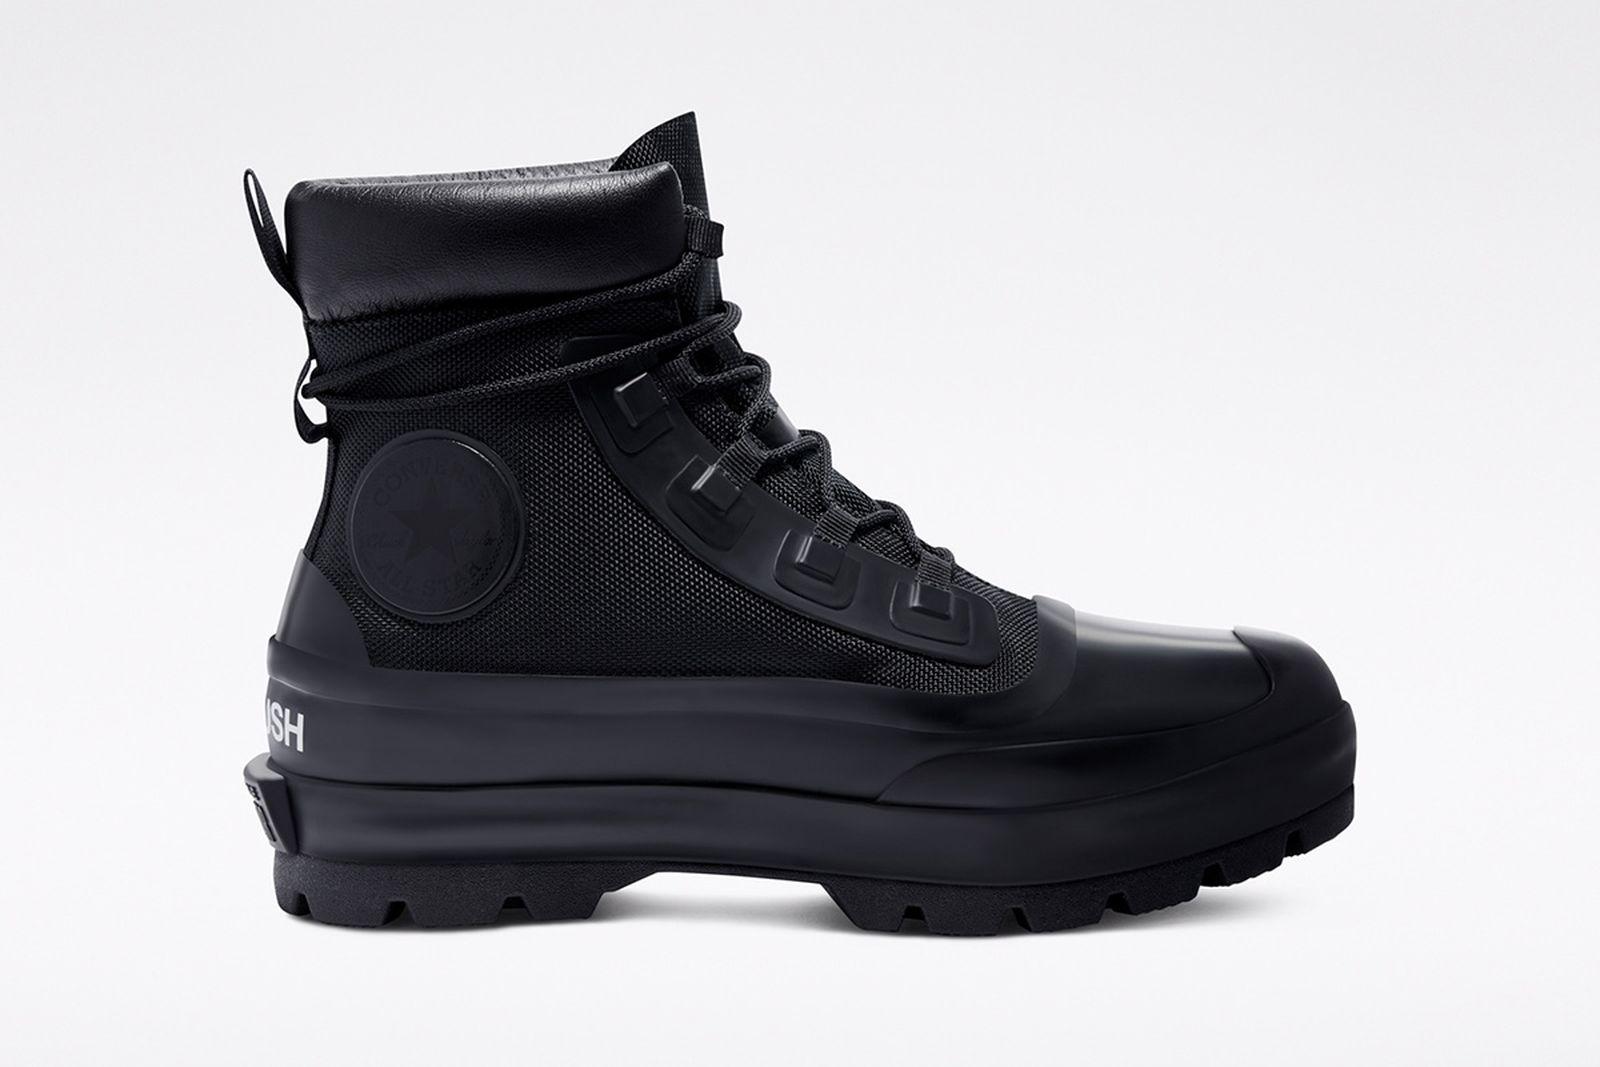 ambush-converse-ctas-duck-boot-release-date-price-1-24